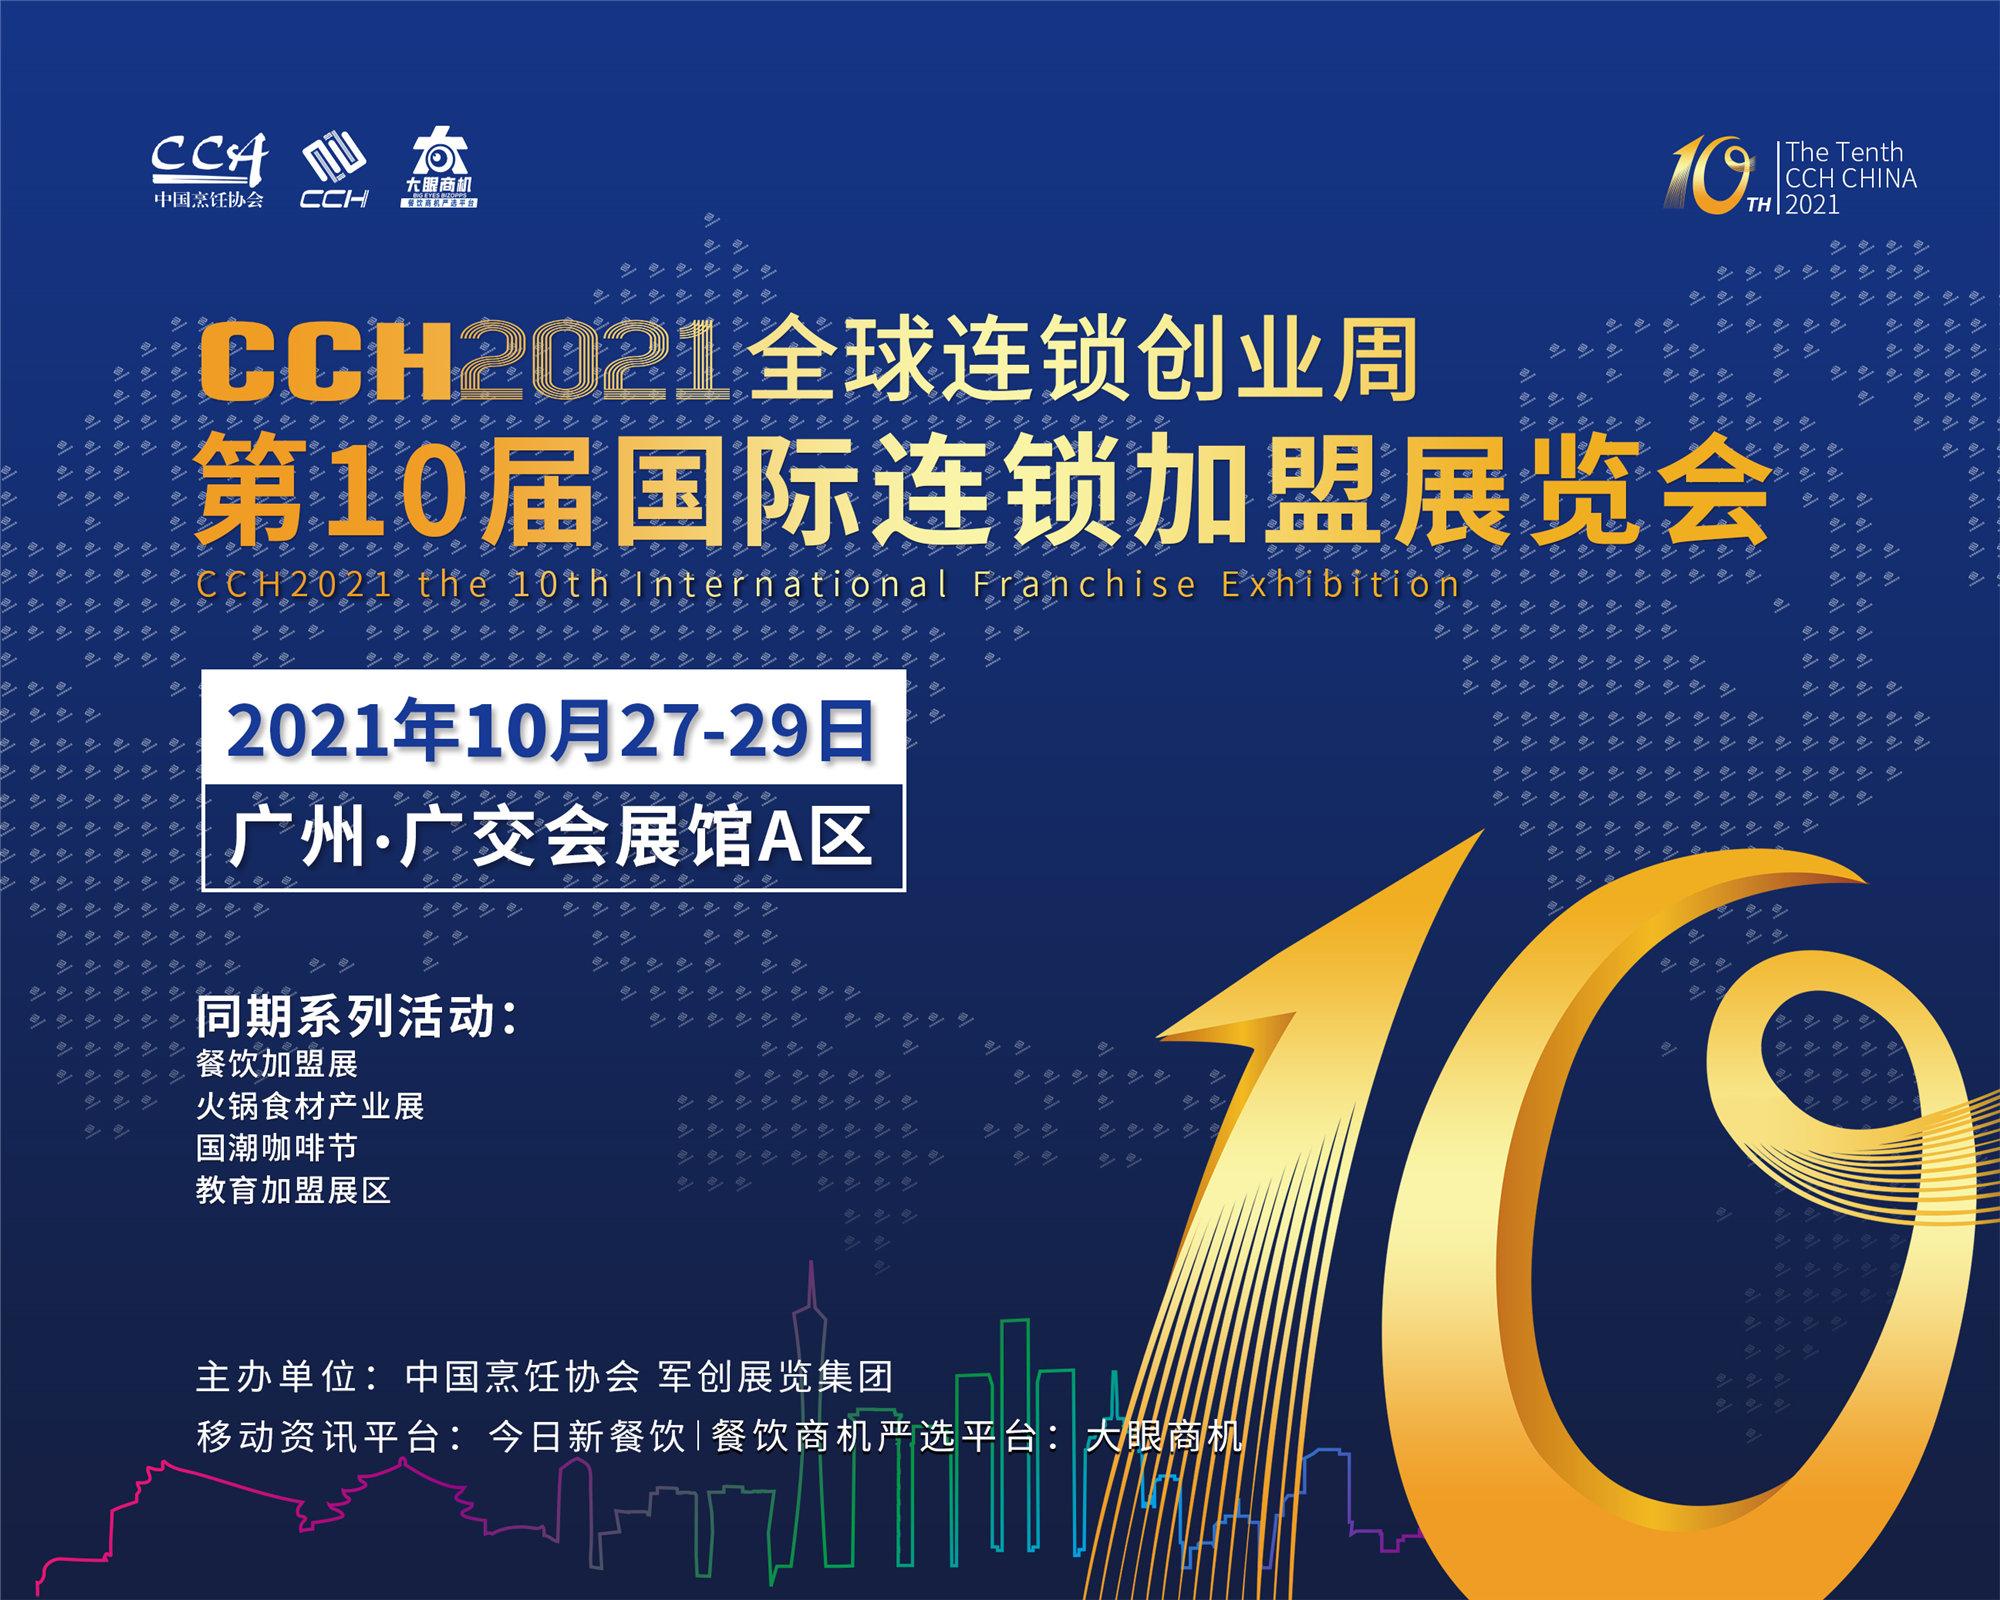 阿香米线、张亮麻辣烫、久久丫也来了!CCH2021连锁加盟展10.27开幕